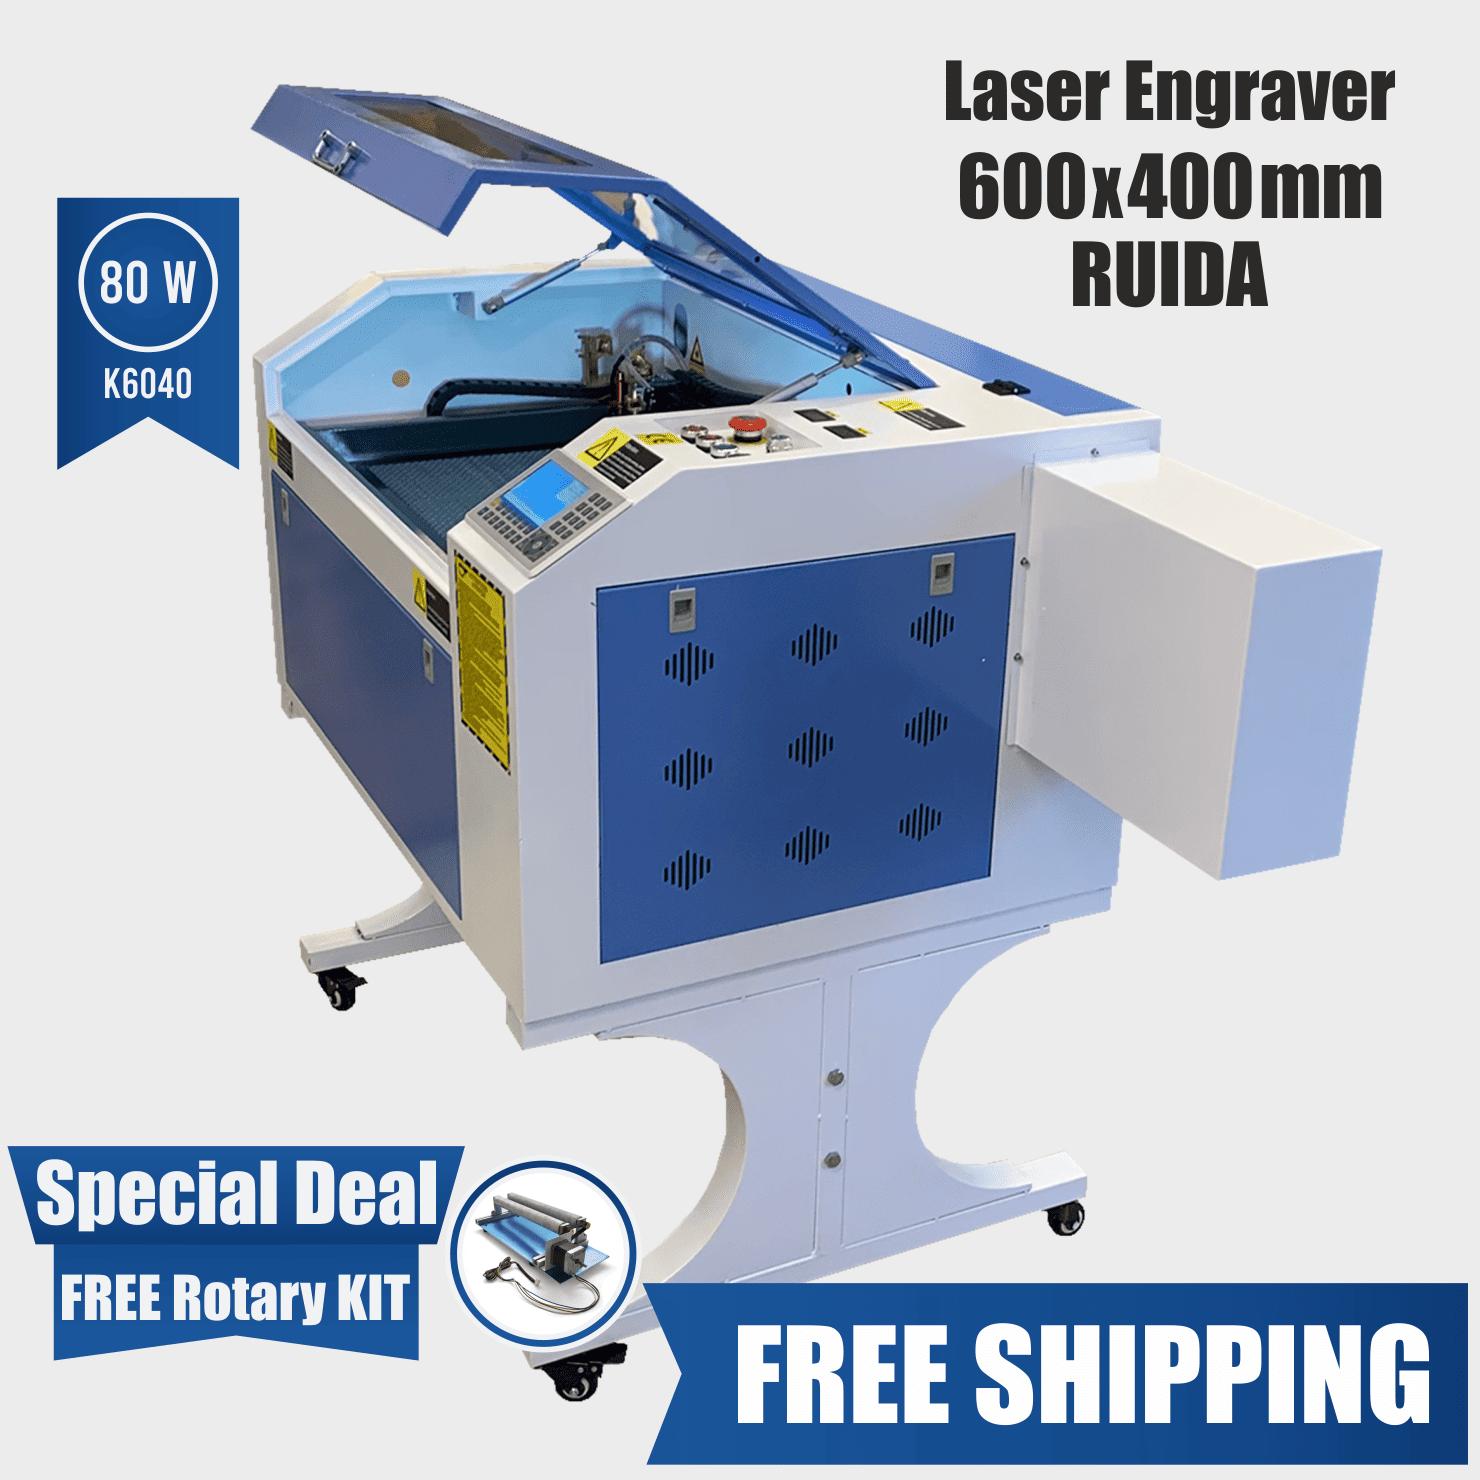 laser engraver 600 x 400 80w ruida